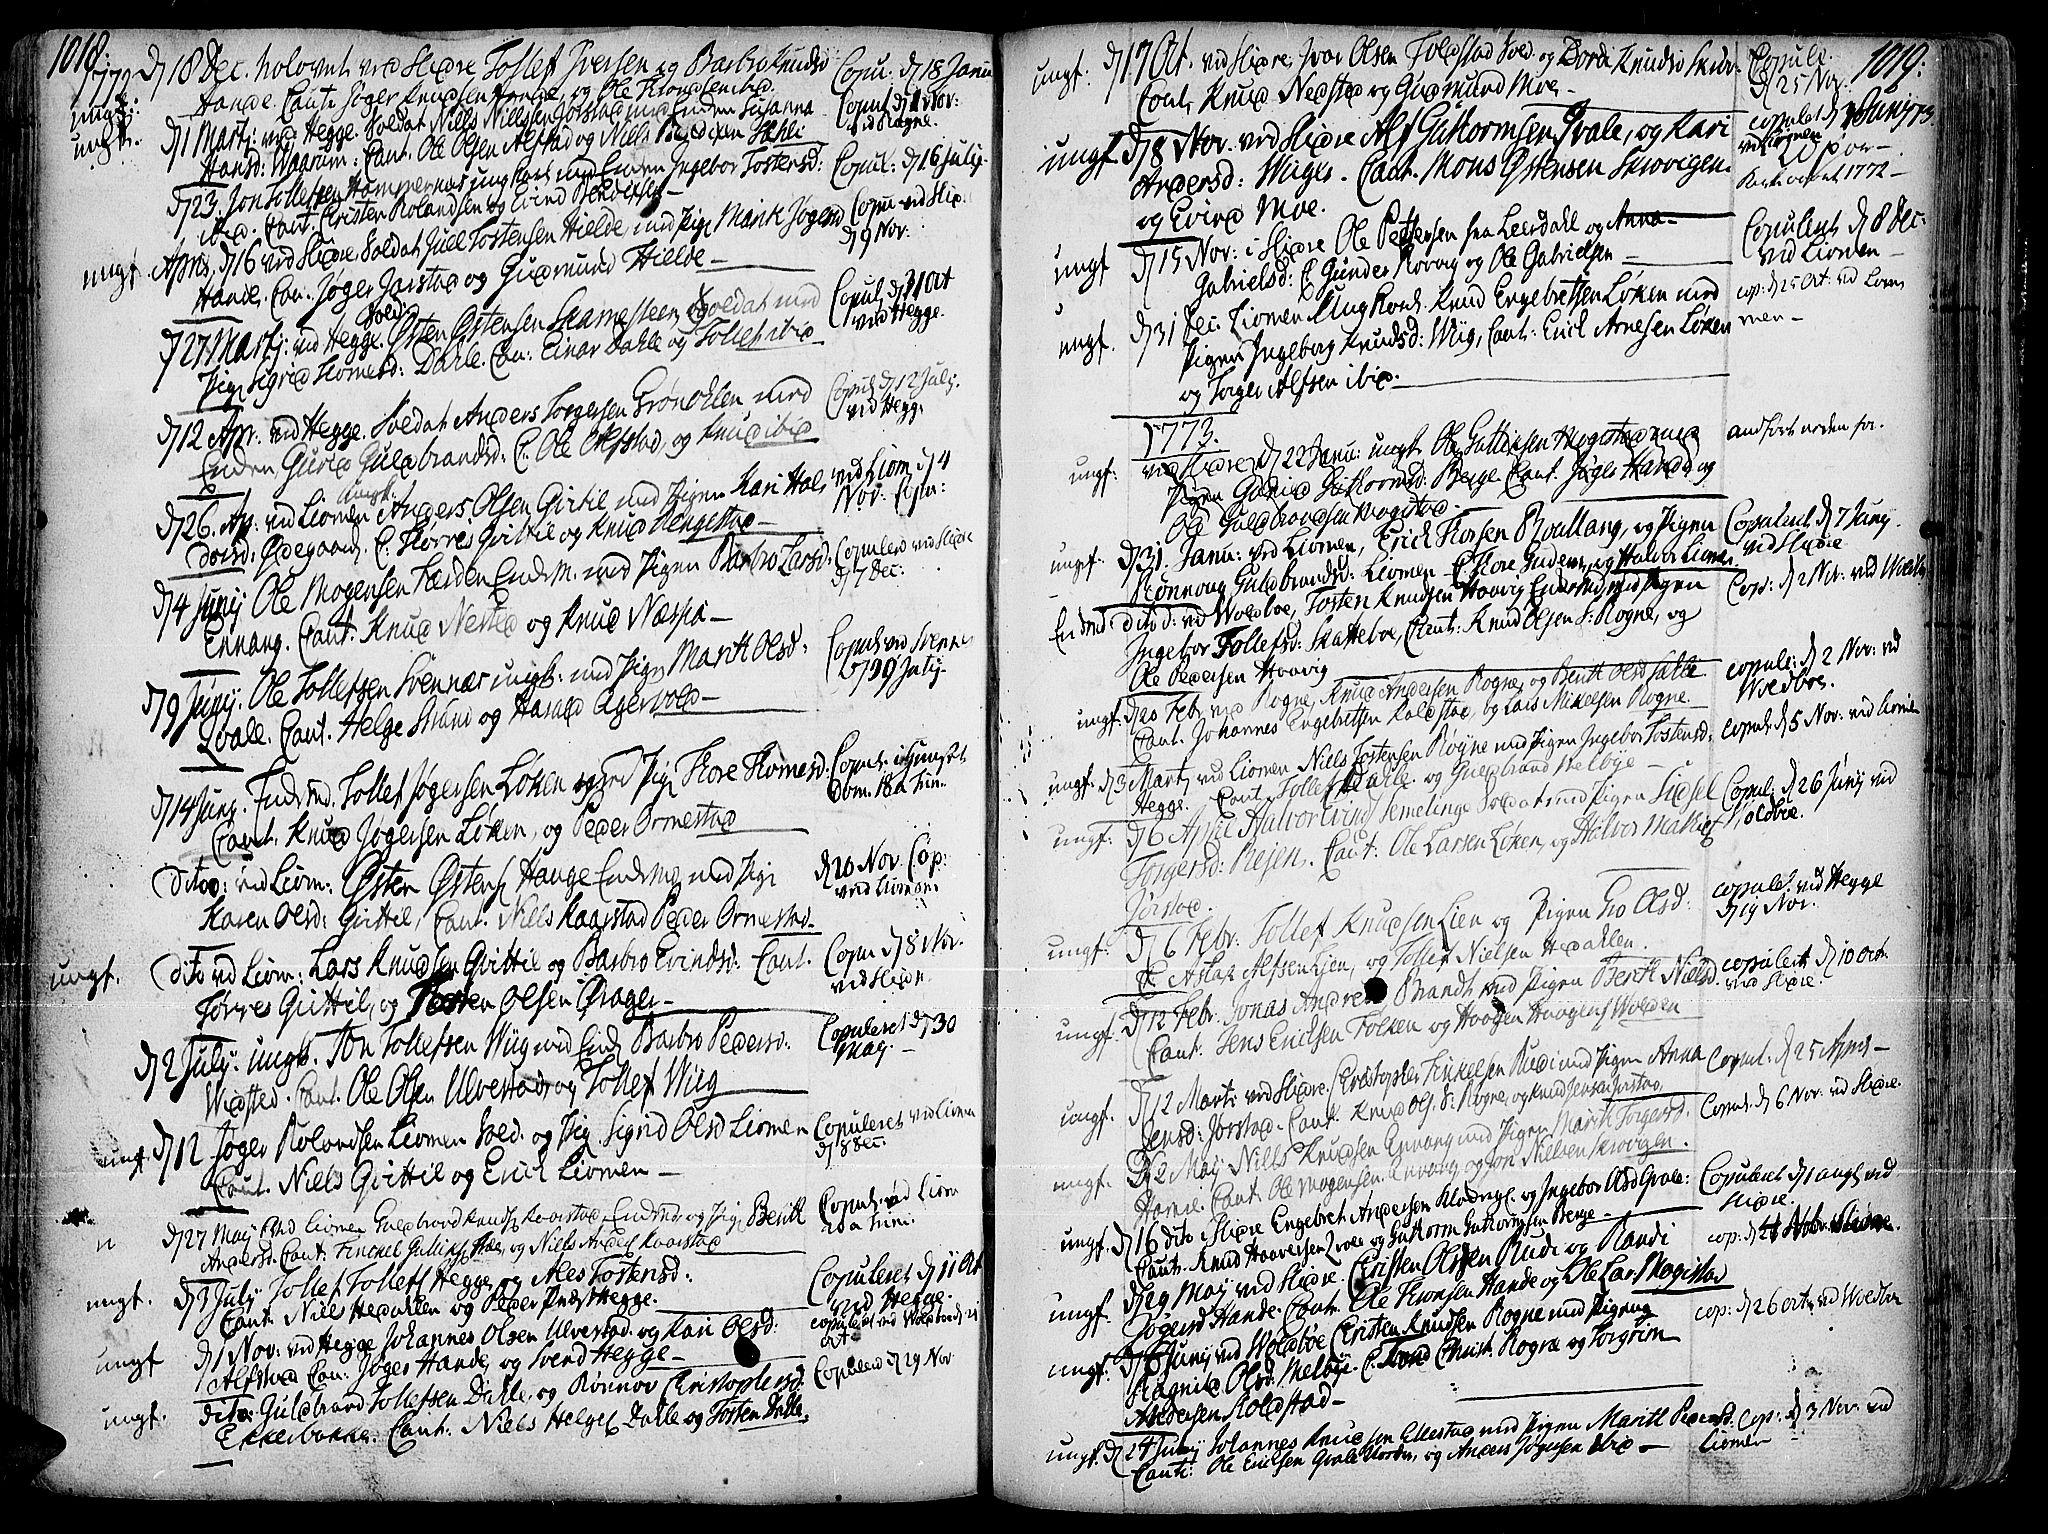 SAH, Slidre prestekontor, Ministerialbok nr. 1, 1724-1814, s. 1018-1019